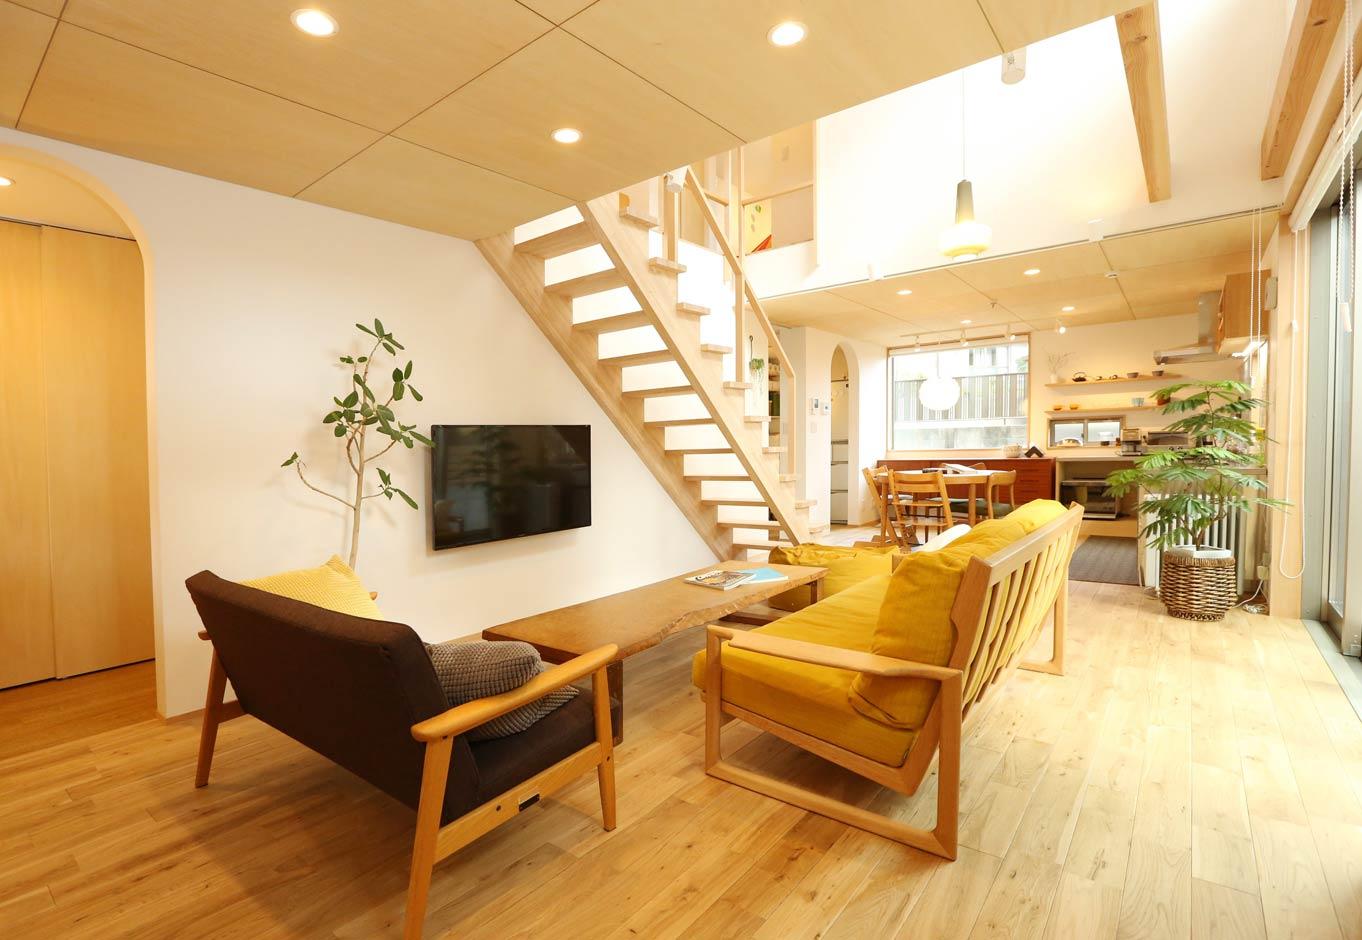 Asobi-創家(アソビスミカ)/ナカジツ【狭小住宅、間取り、建築家】天井をあえて低めに抑え、窓のラインと高さを合わせることで空間をスッキリと見せる手法は建築家・伊礼智氏の代名詞。ナチュラルな木の空間に北欧系の家具とペンダントライトがベストマッチ。木のストリップ階段は細い手すりまで職人の手づくりにこだわった